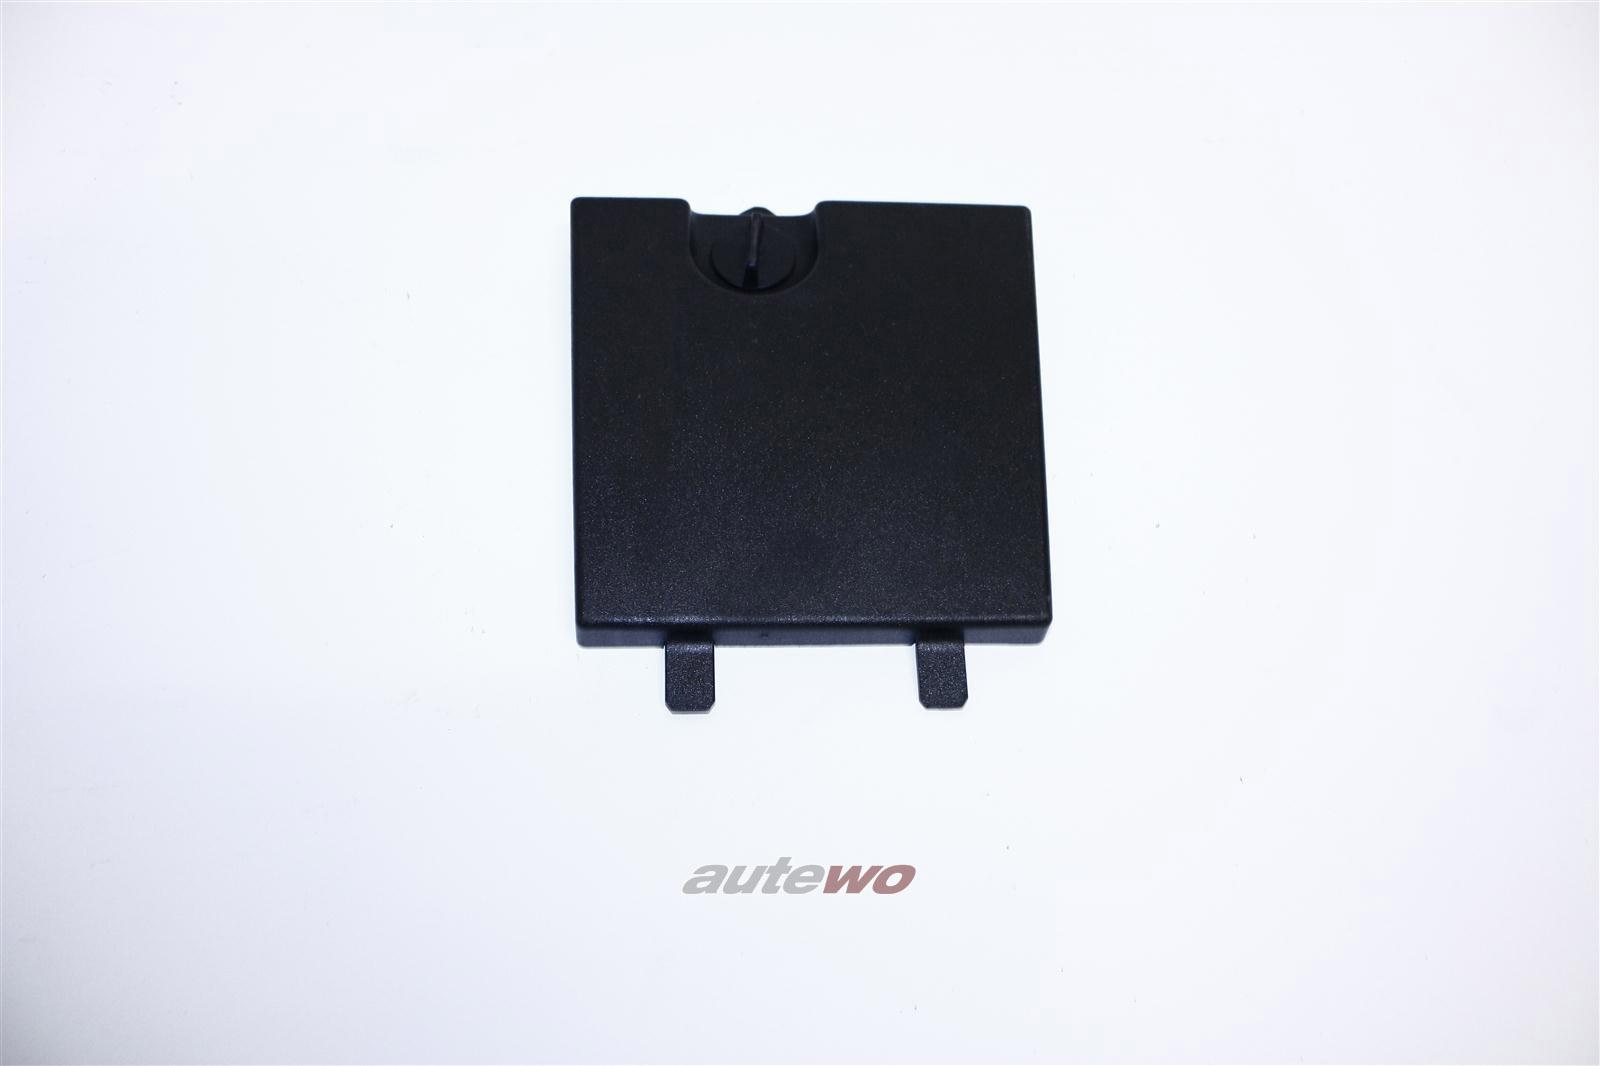 Audi A8/S8 D2 Abdeckung Rücklicht Rechts X08 grau 4D0863508B